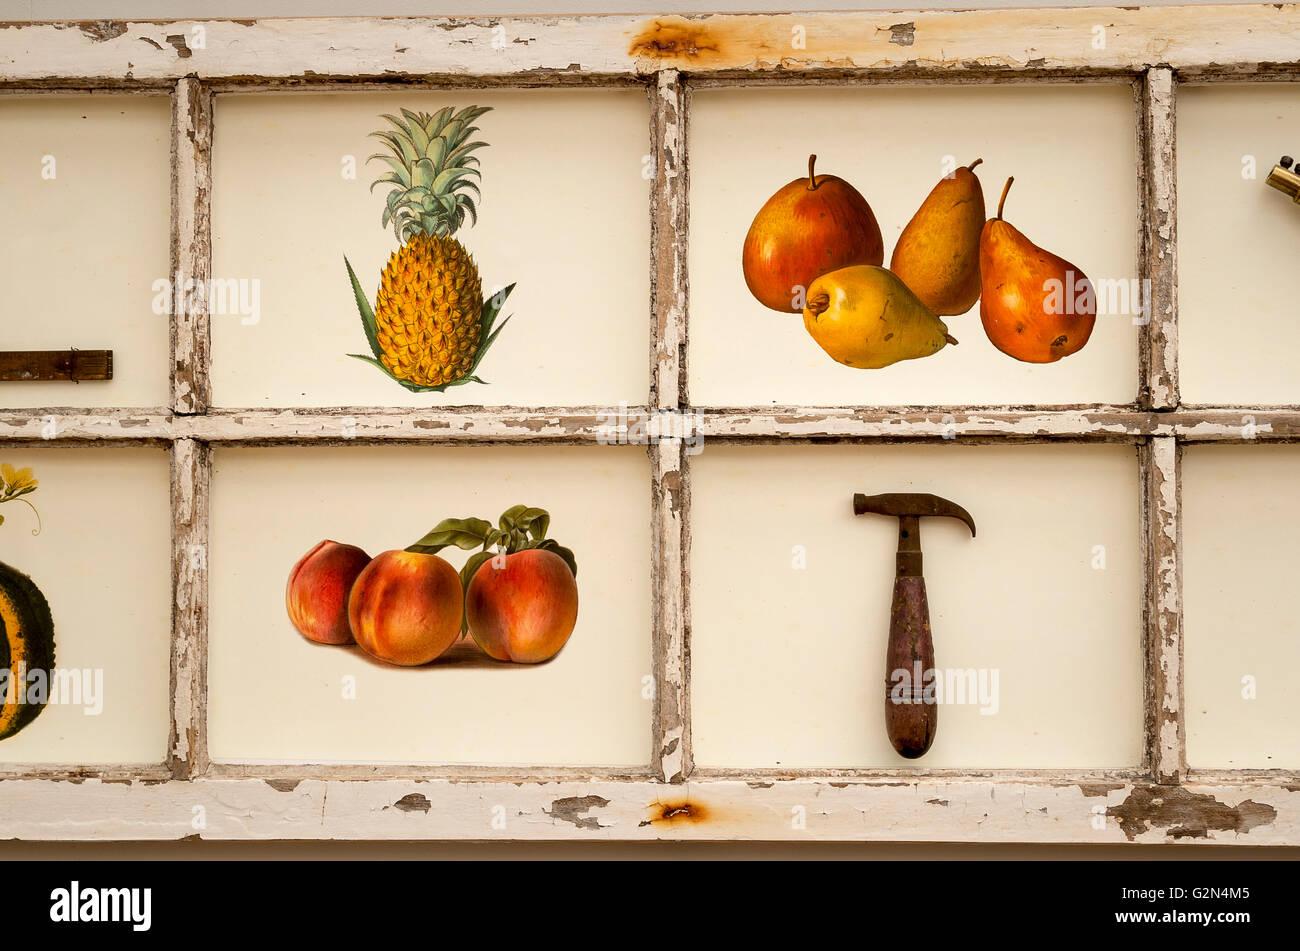 Détail d'une photo représentant des fruits et d'outils anciens Photo Stock